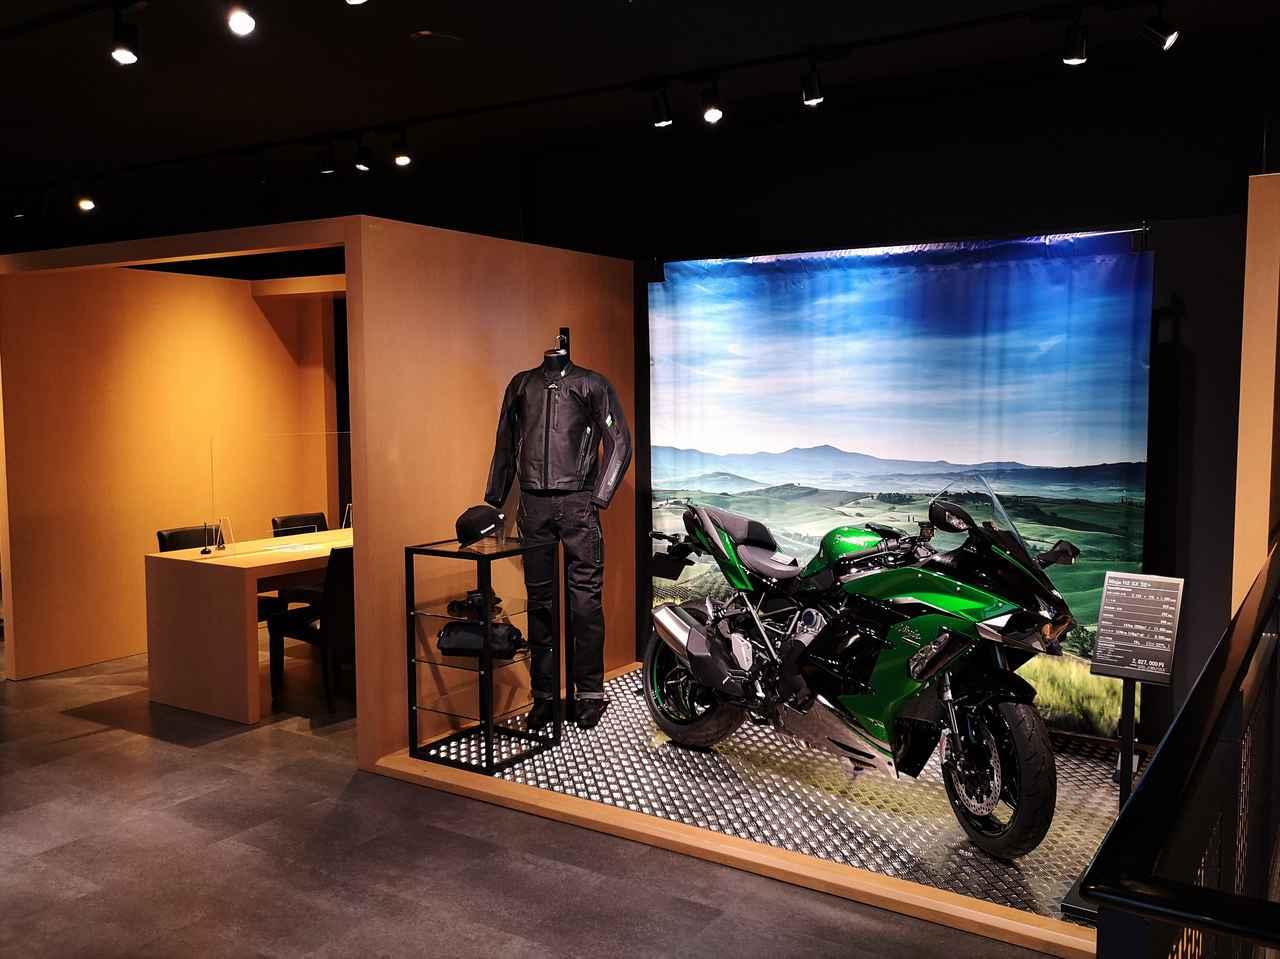 画像: 【ライフスタイル展示】最新のモデルとオリジナルアパレルでモーターサイクルライフを想像できる空間になっている。